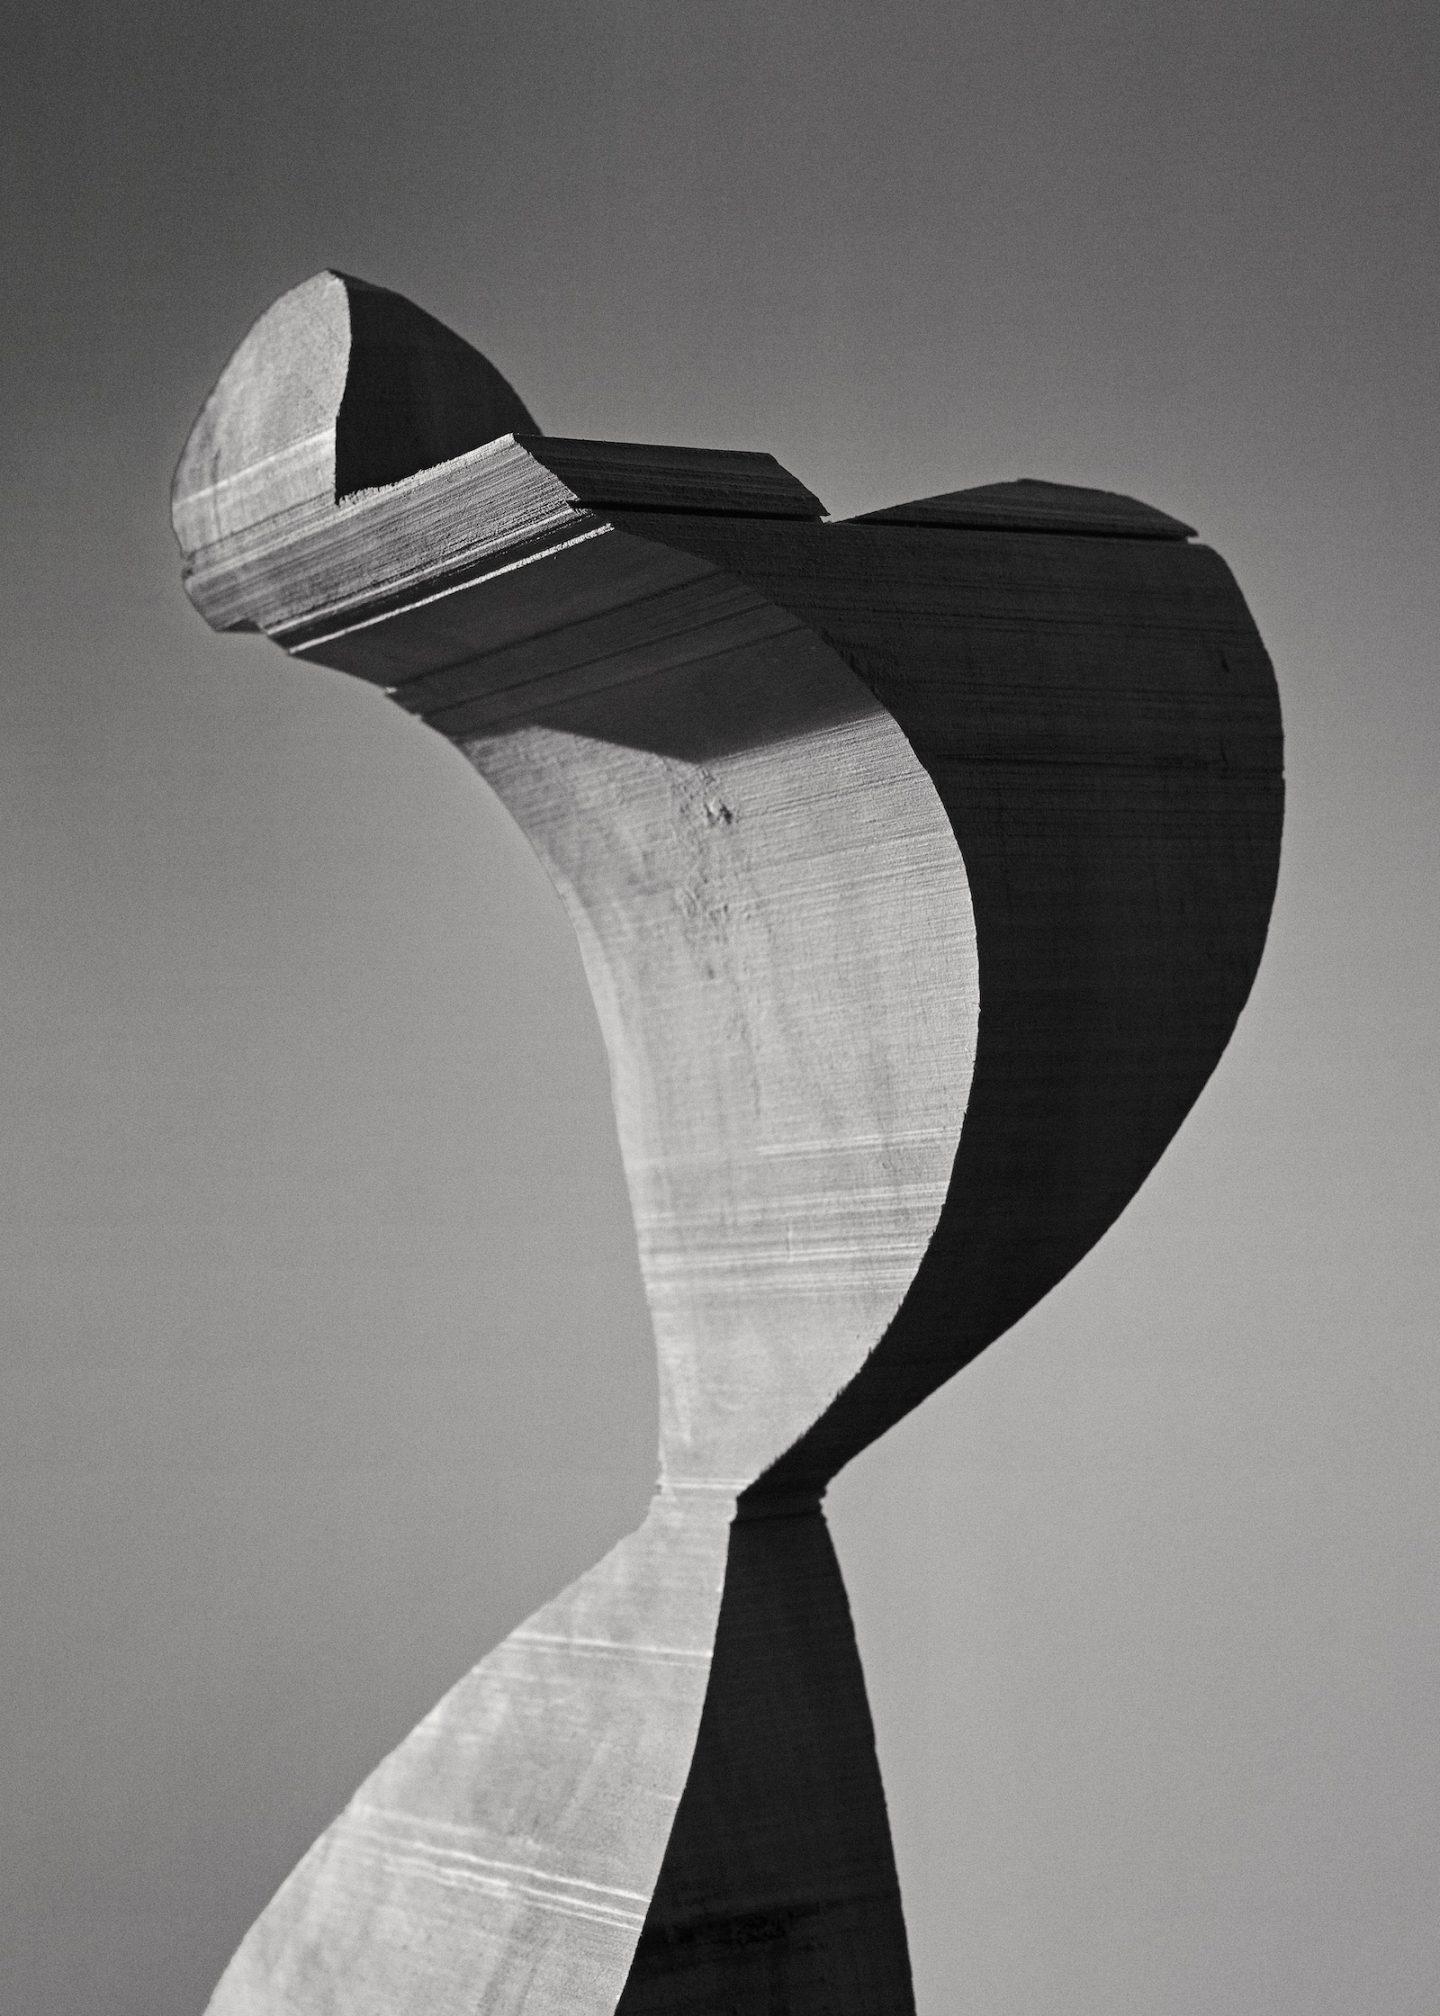 IGNANT-Design-Nicholas-Shurey-08